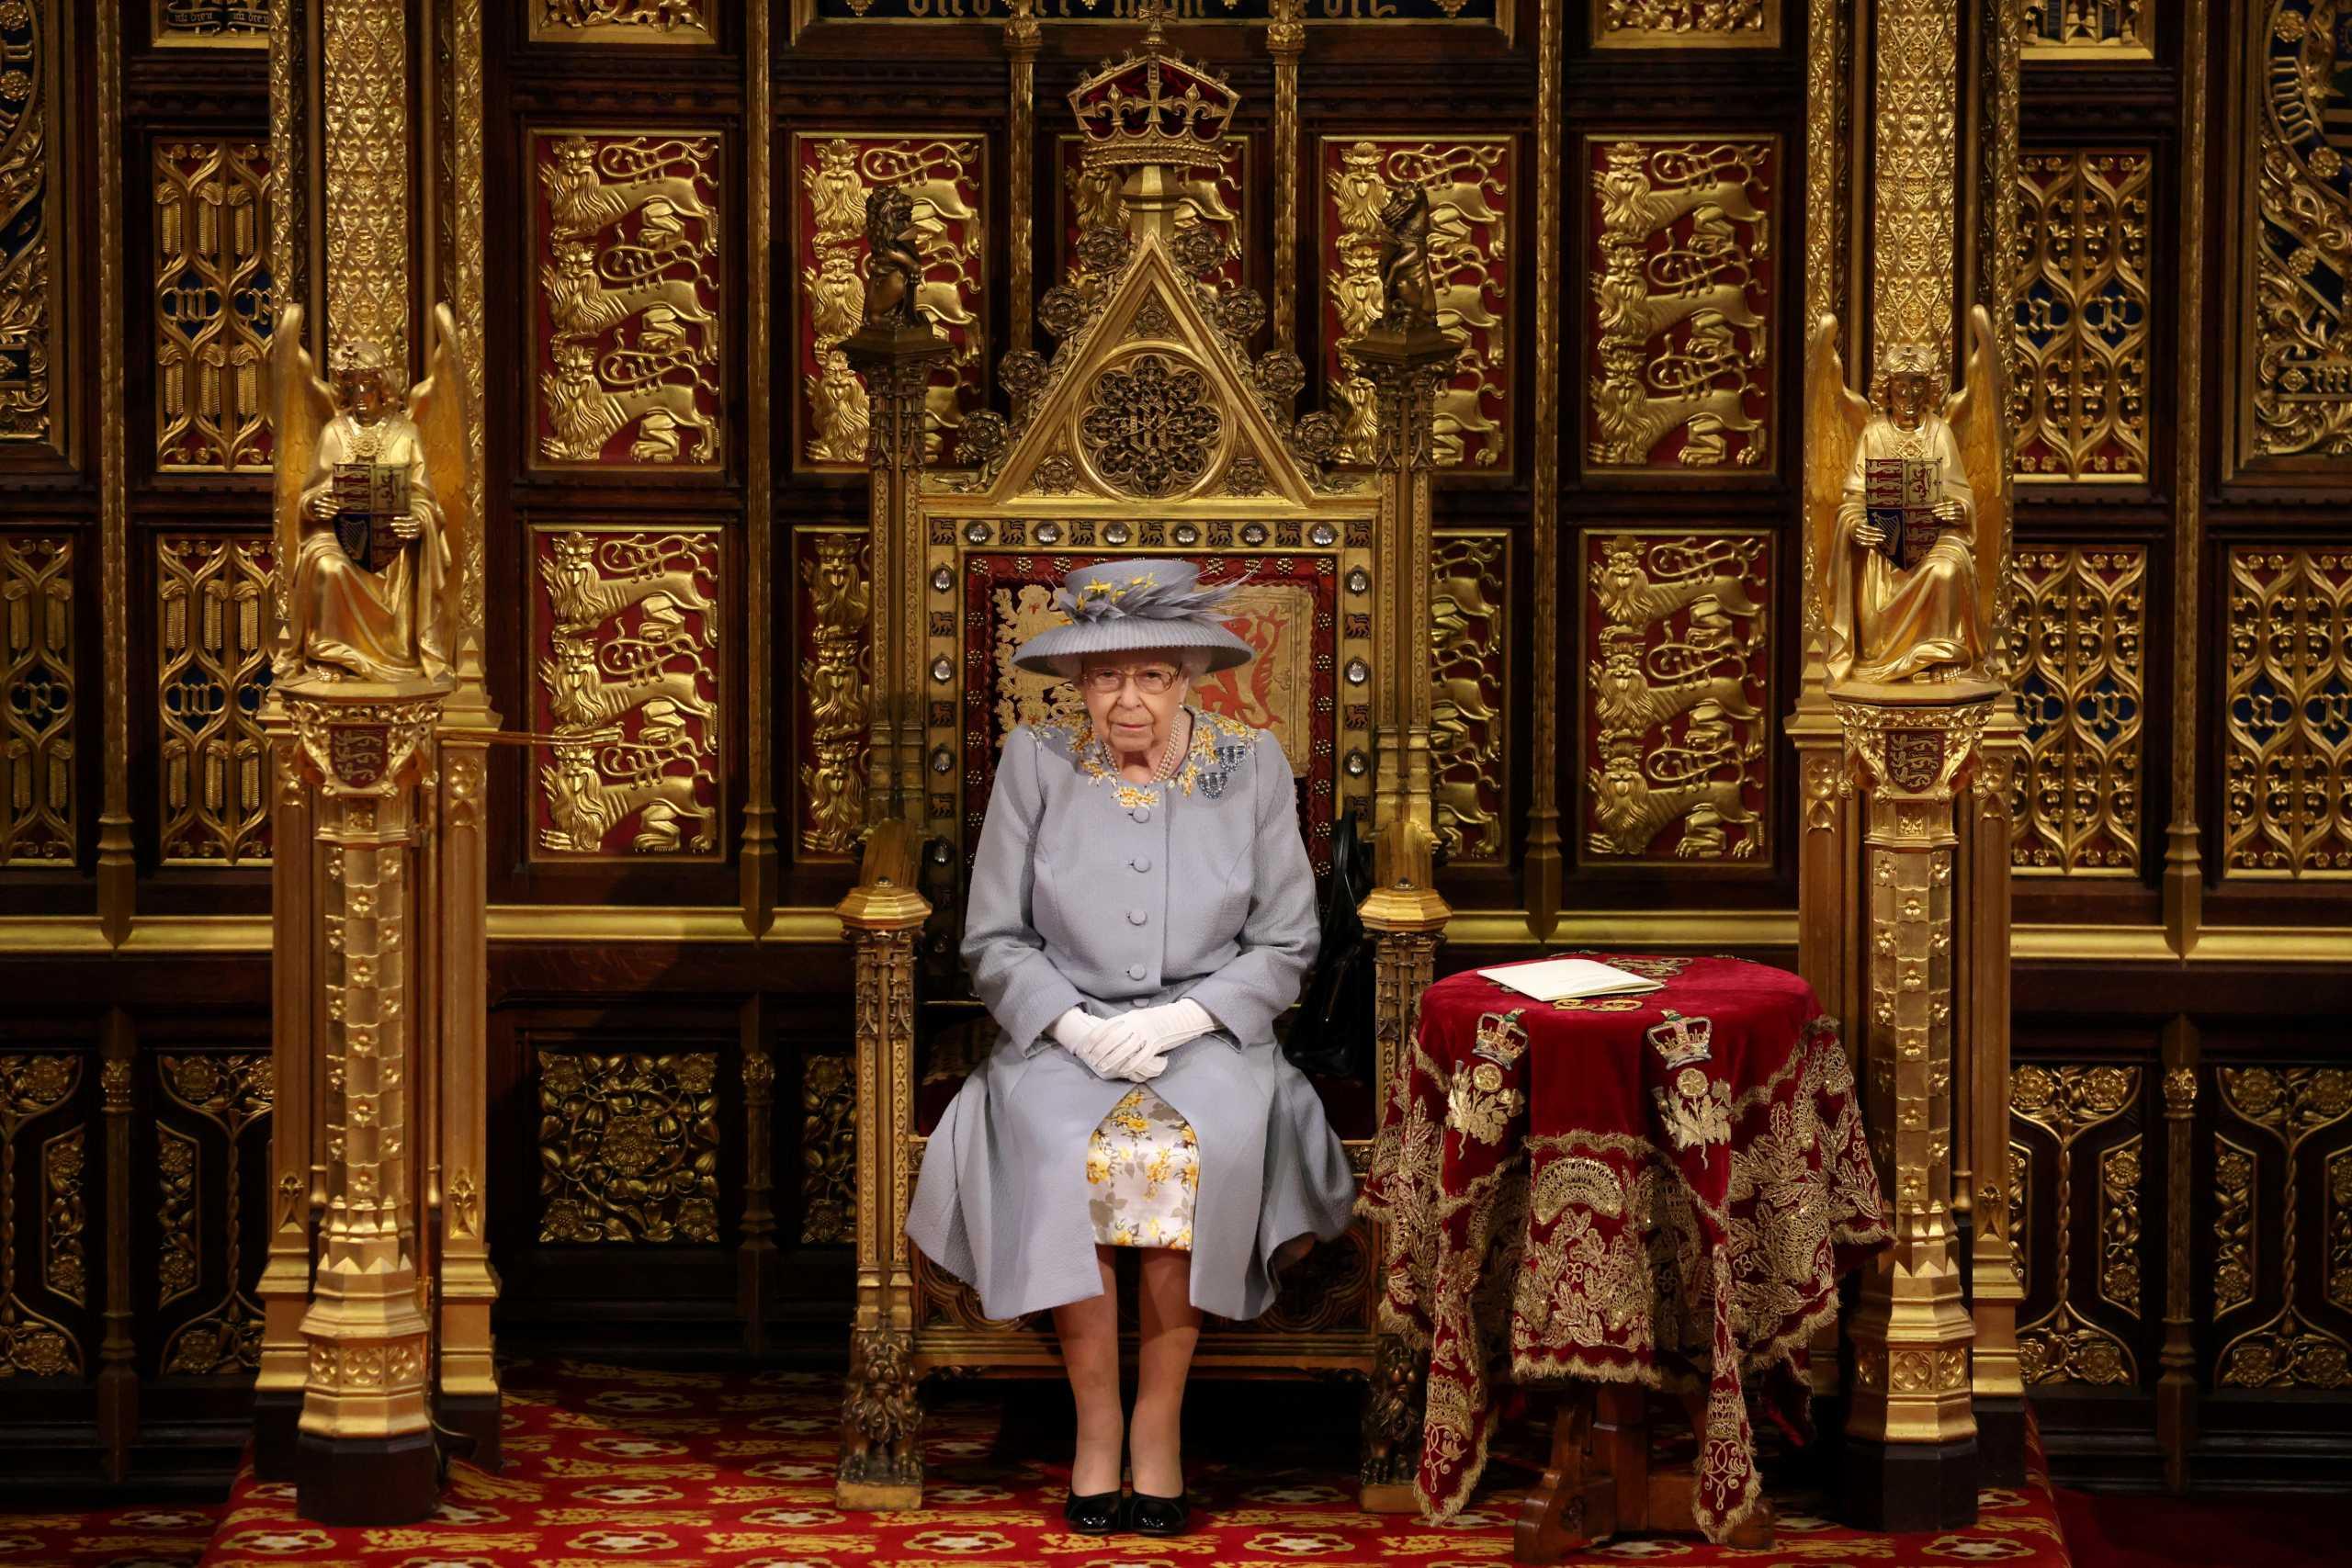 «Αποκαθήλωσαν» τη Βασίλισσα Ελισάβετ από την Οξφόρδη! Σάλος στη Βρετανία